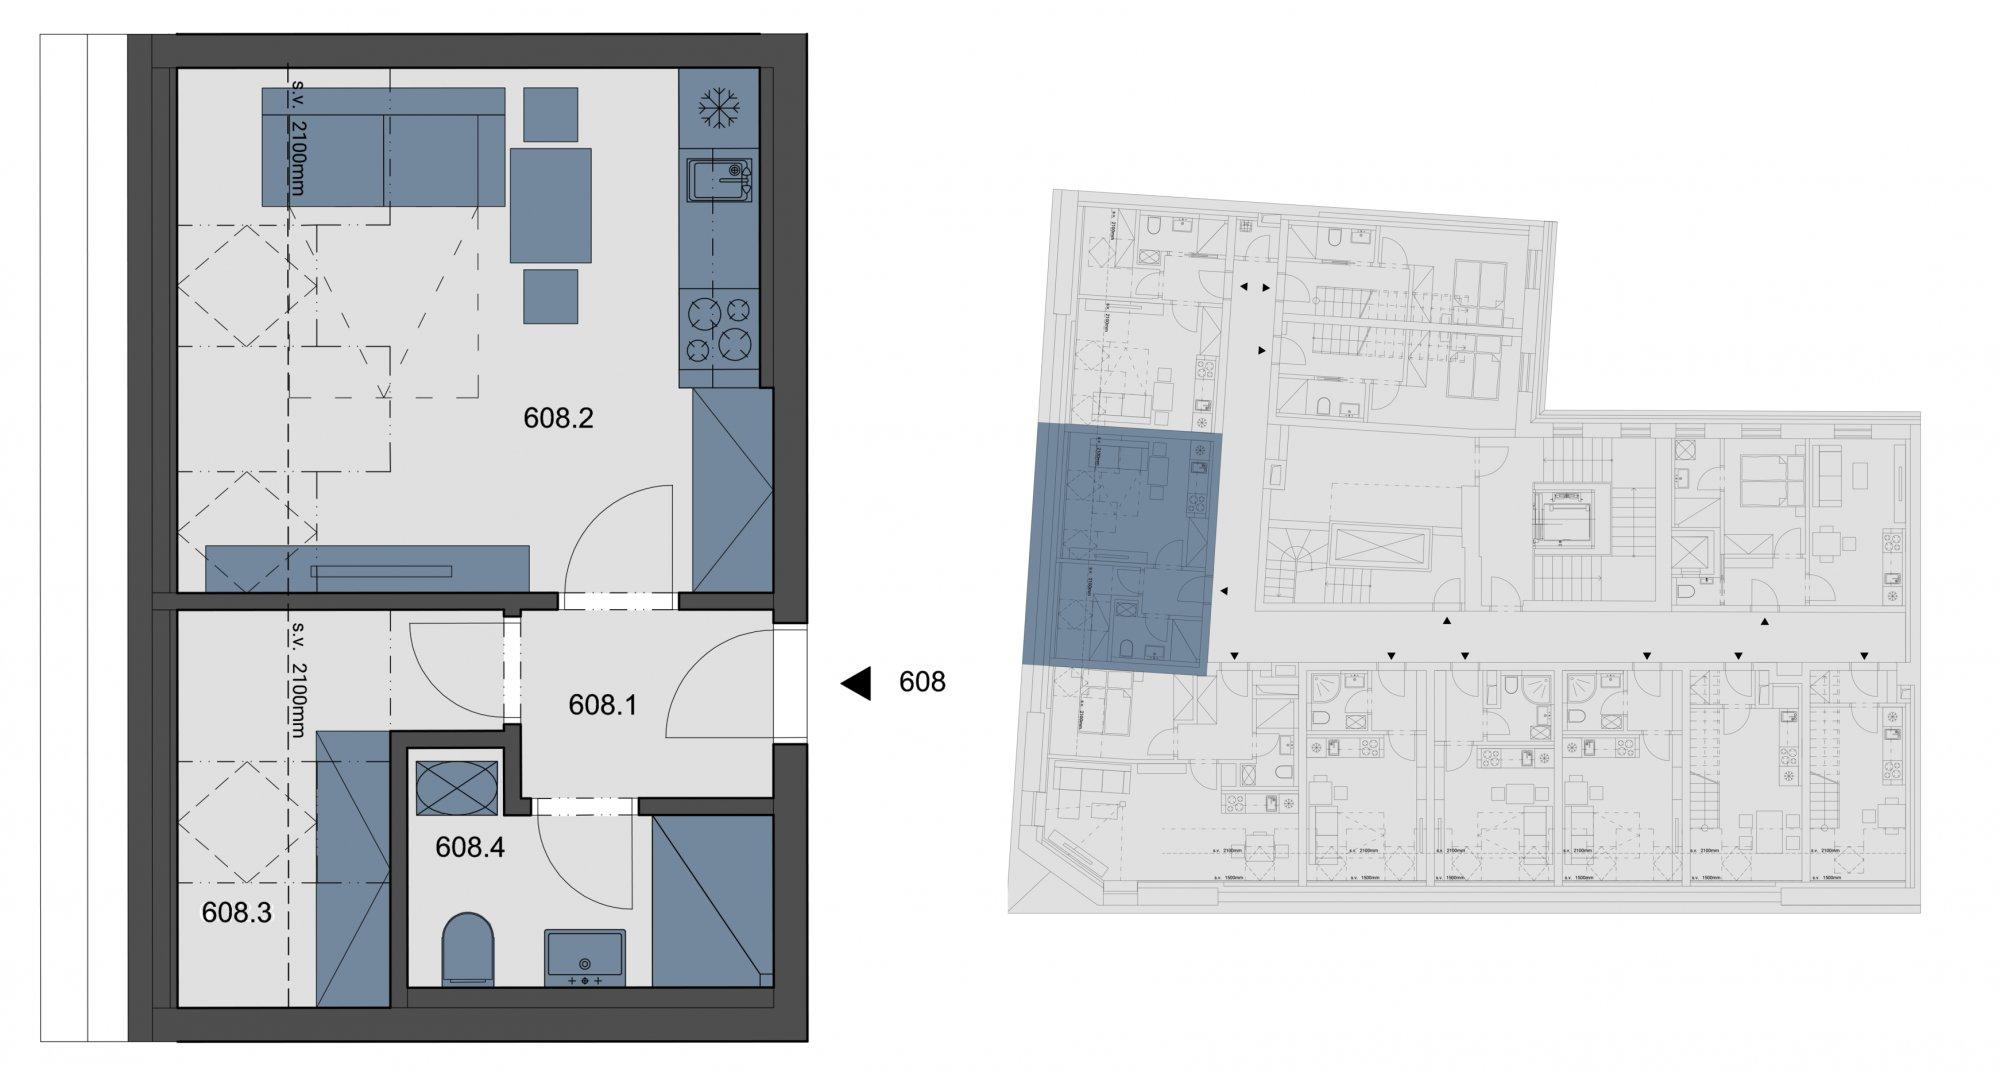 Půdorys - Půdní byt 1+kk, plocha 29 m², ulice Tyršova, Praha 2 - Nové Město